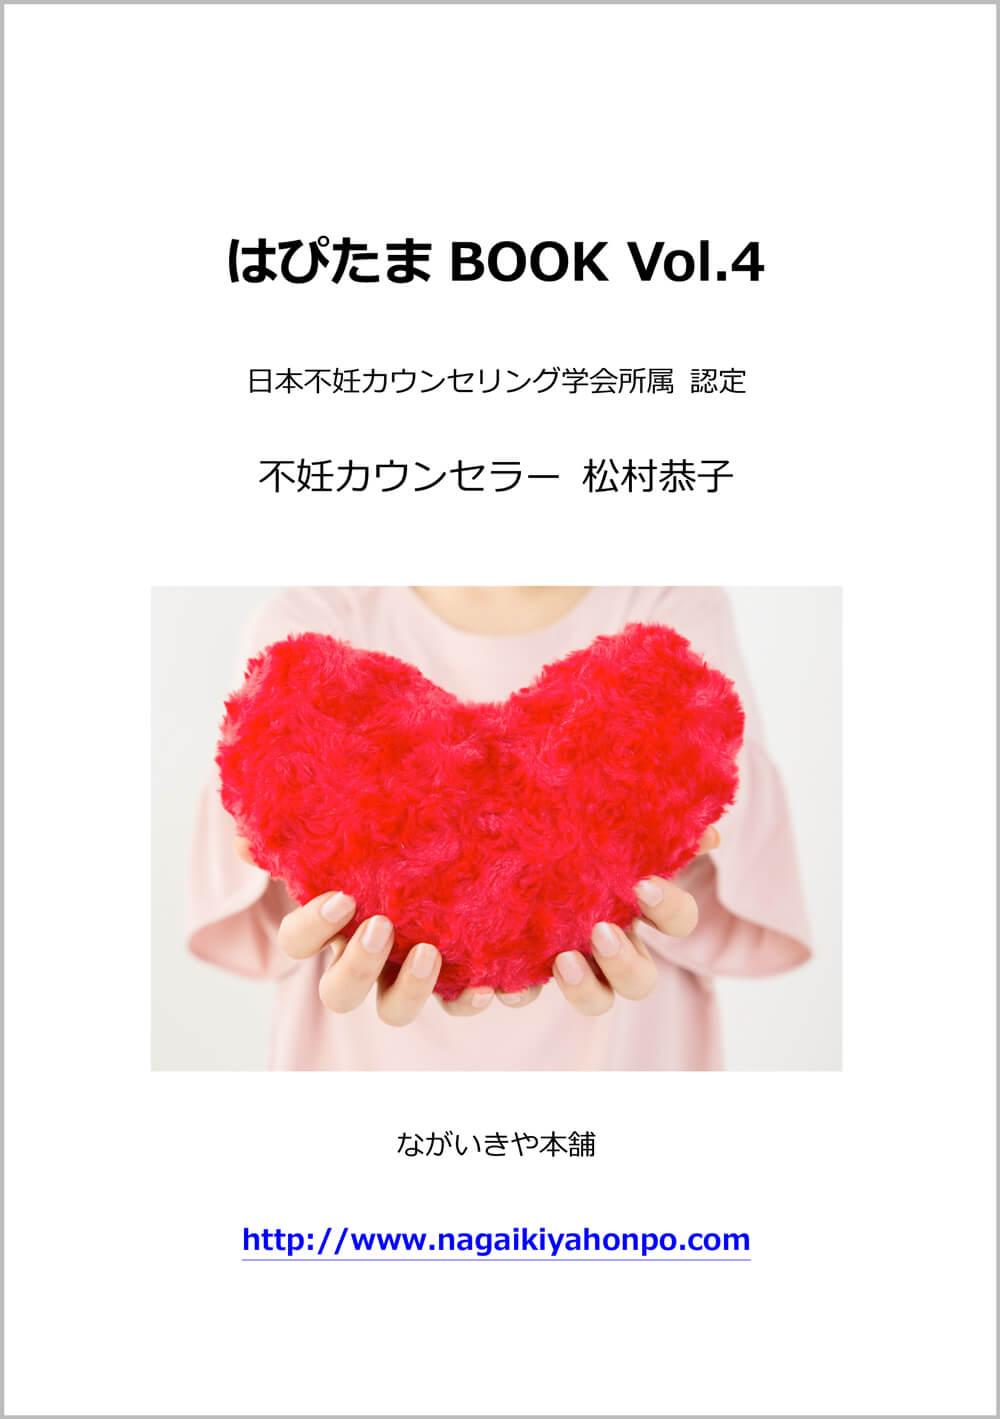 はぴたまBOOK Vol.4